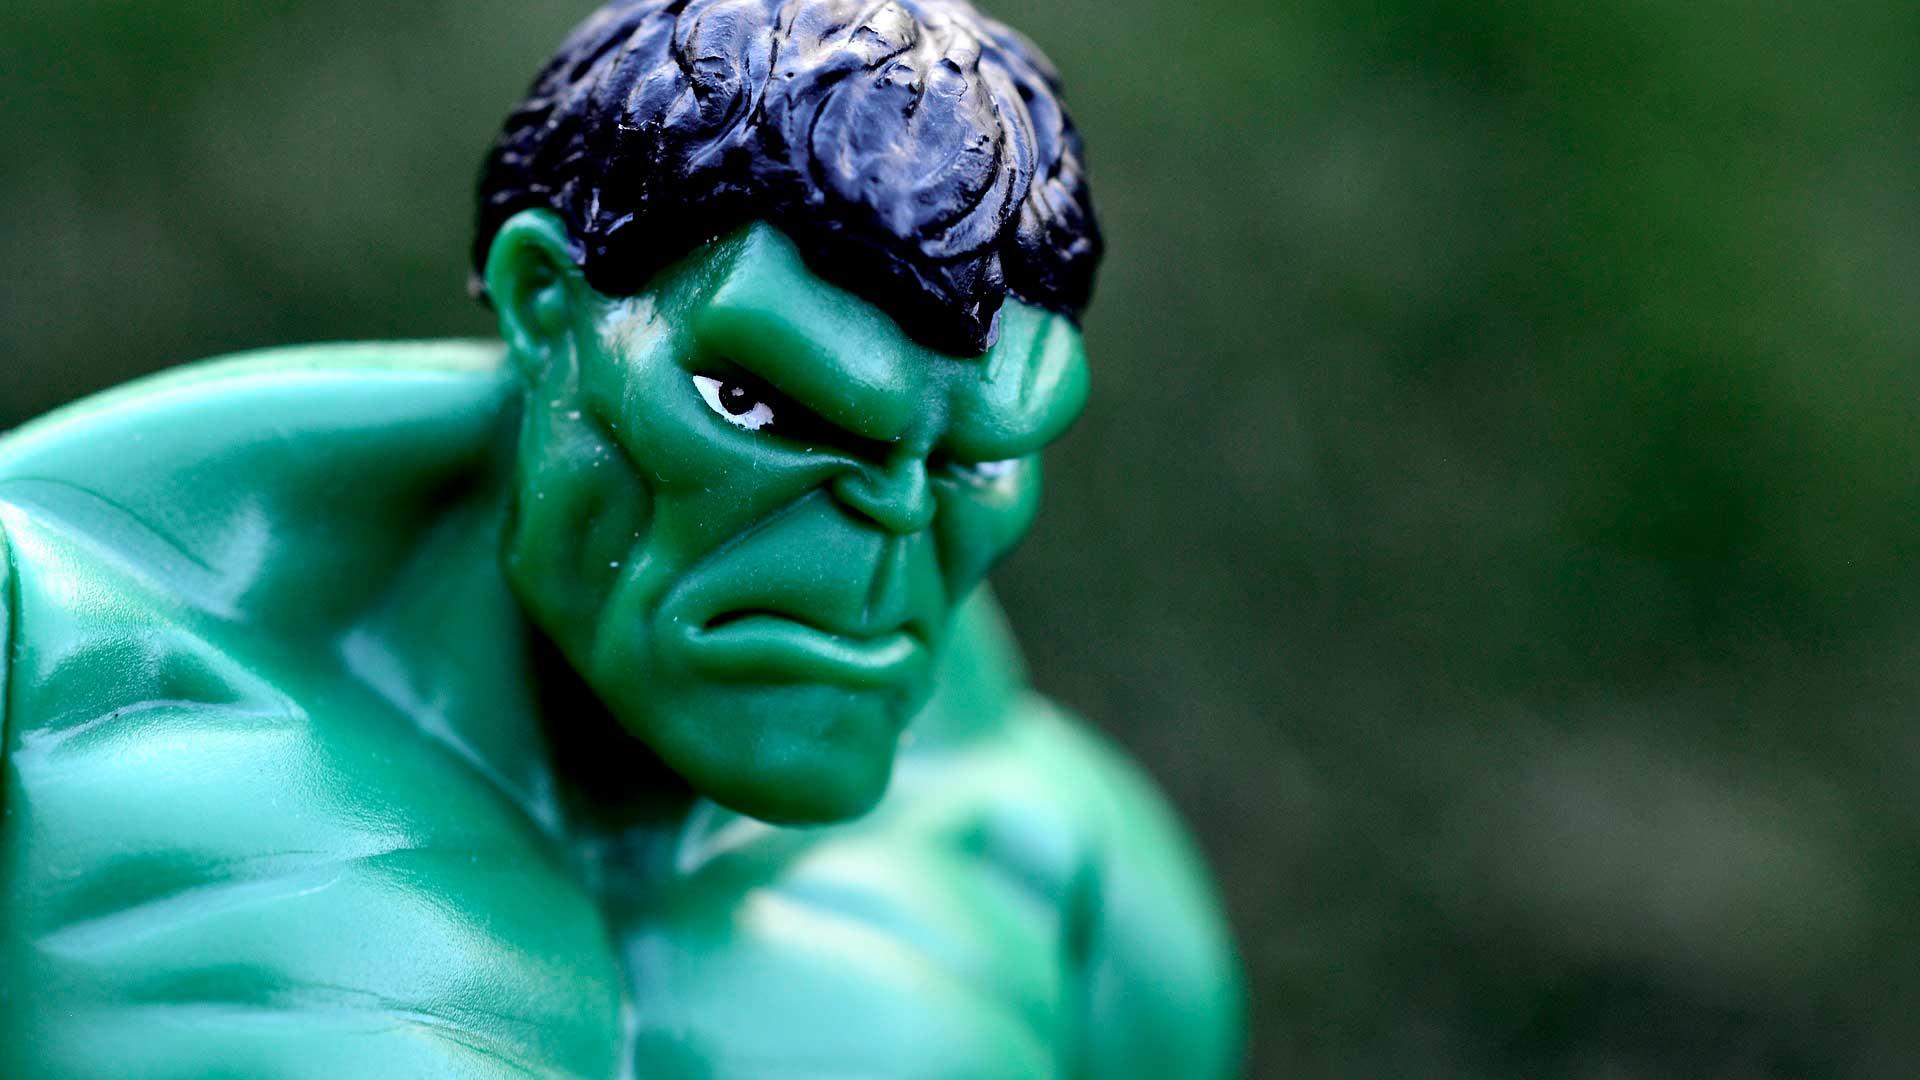 Boneco do Hulk com expressão de raiva no rosto.